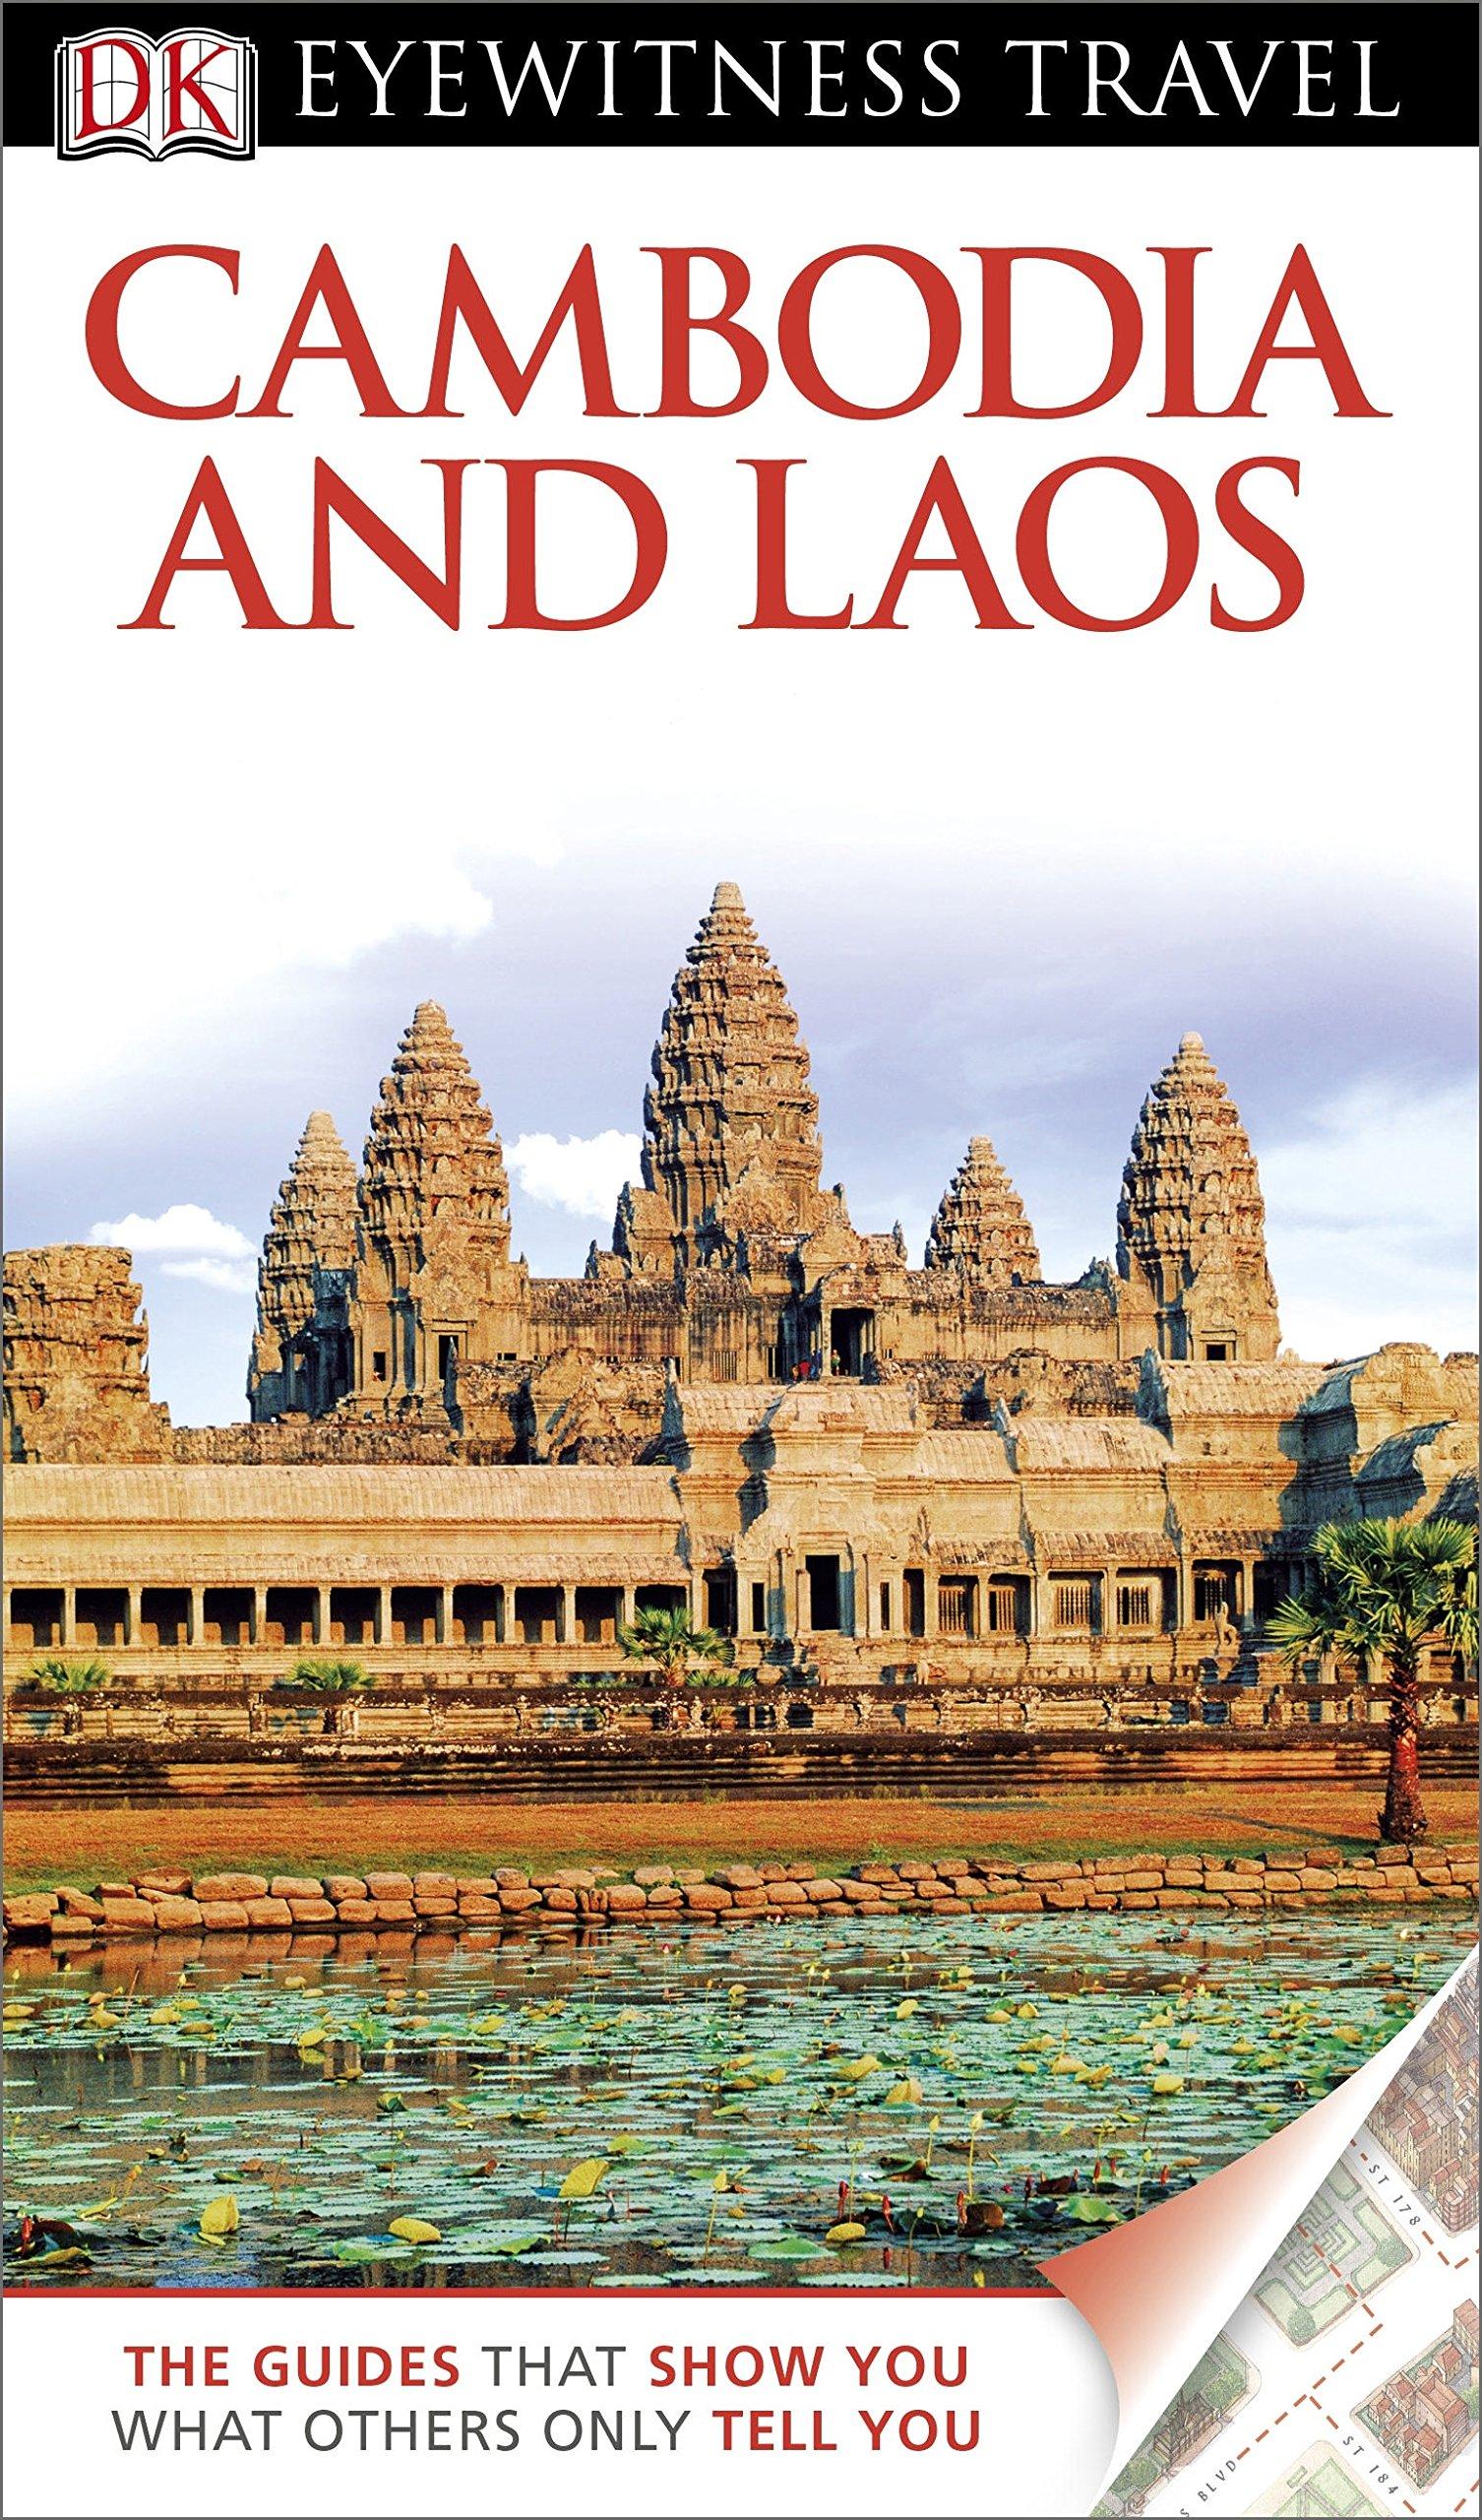 Download DK Eyewitness Travel Guide: Cambodia & Laos ebook